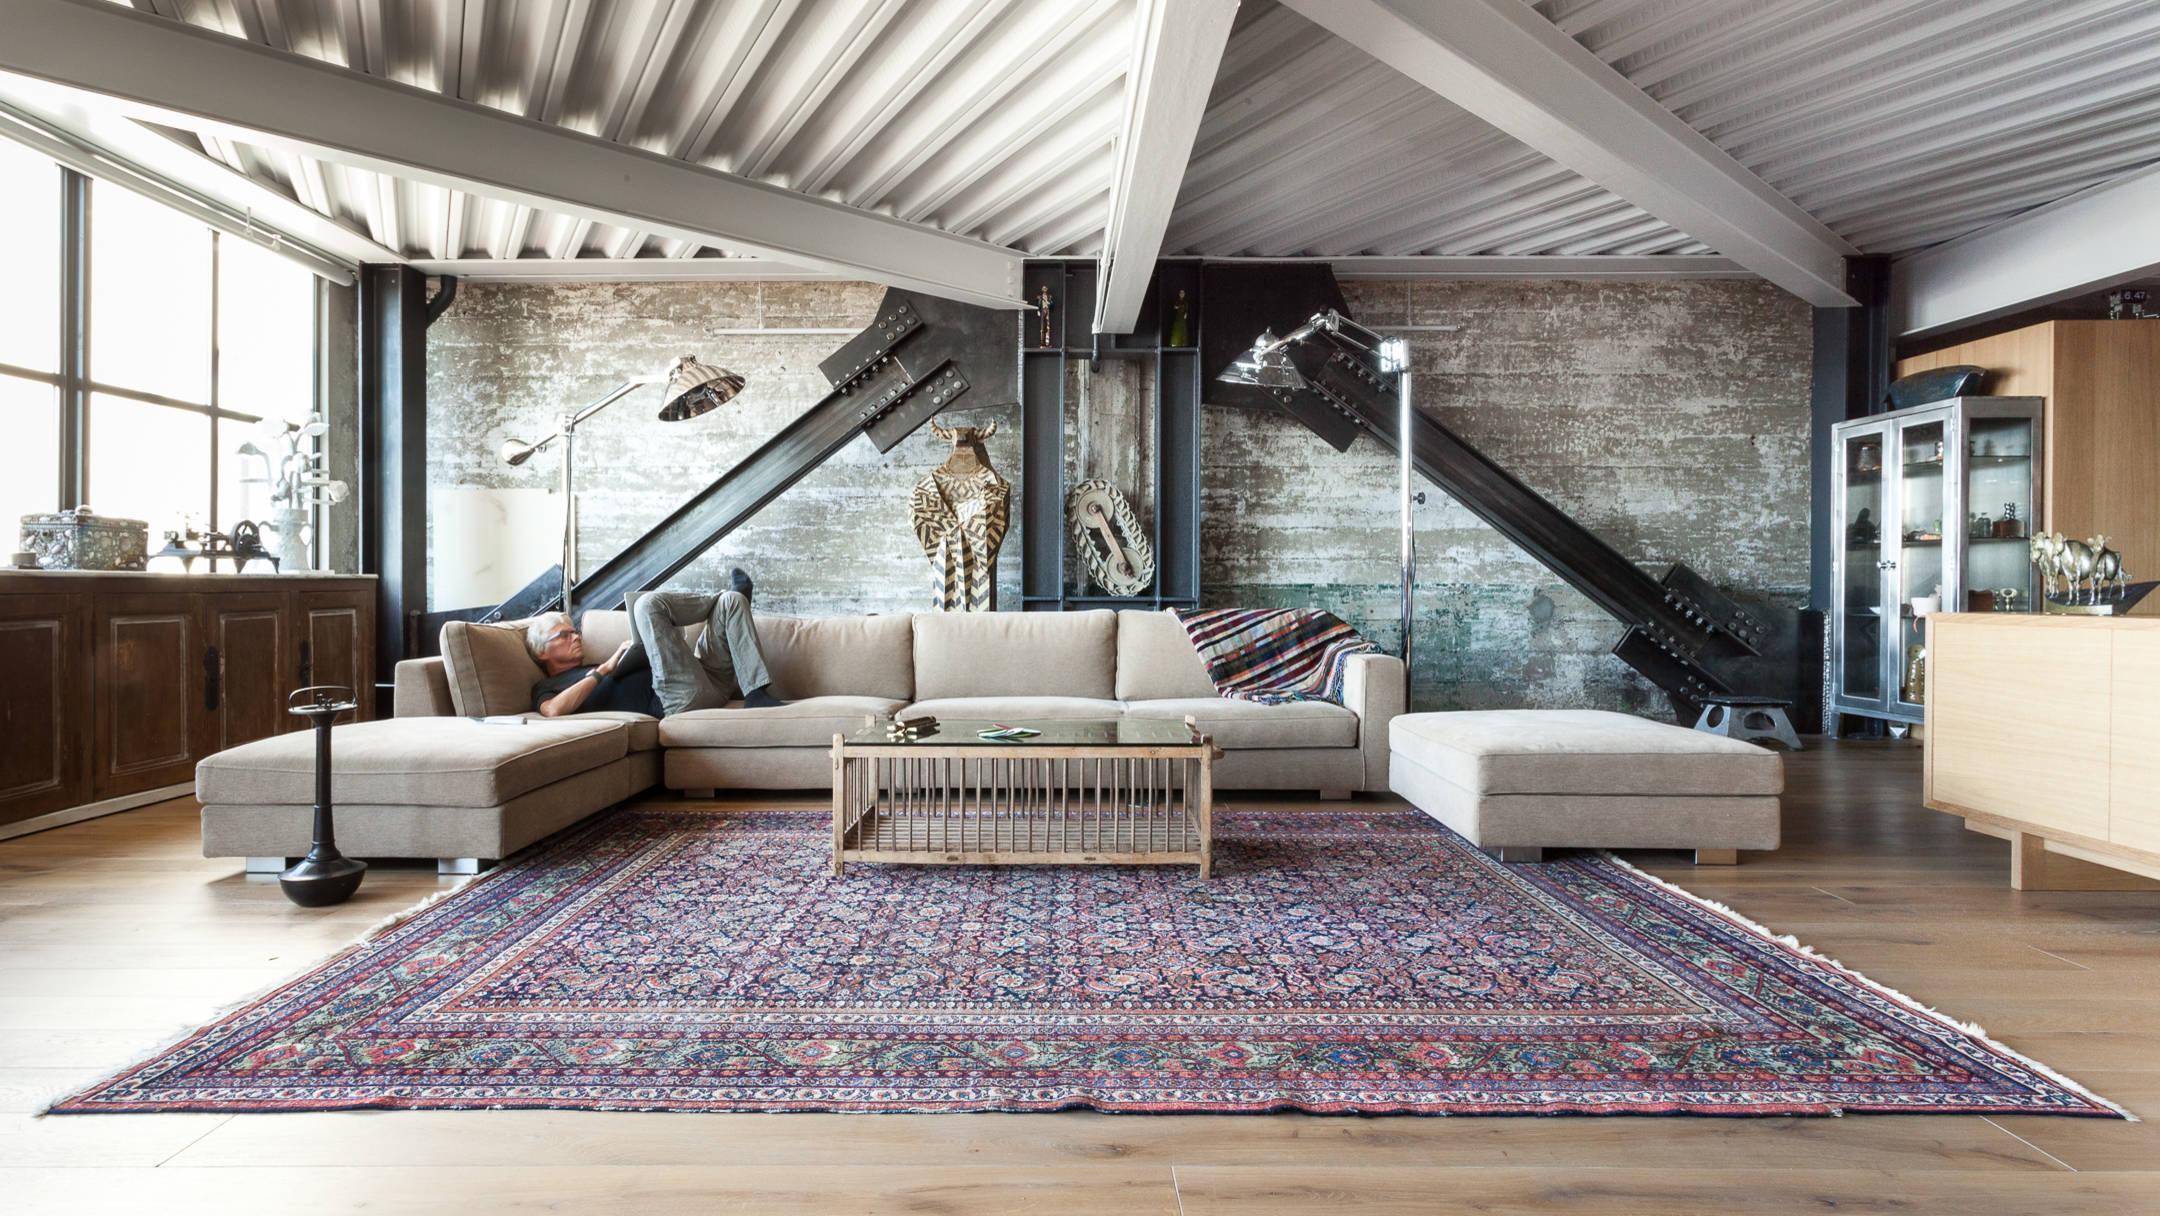 stil loft v interere 39 - Как оформить интерьер в индустриальном стиле: 5 советов